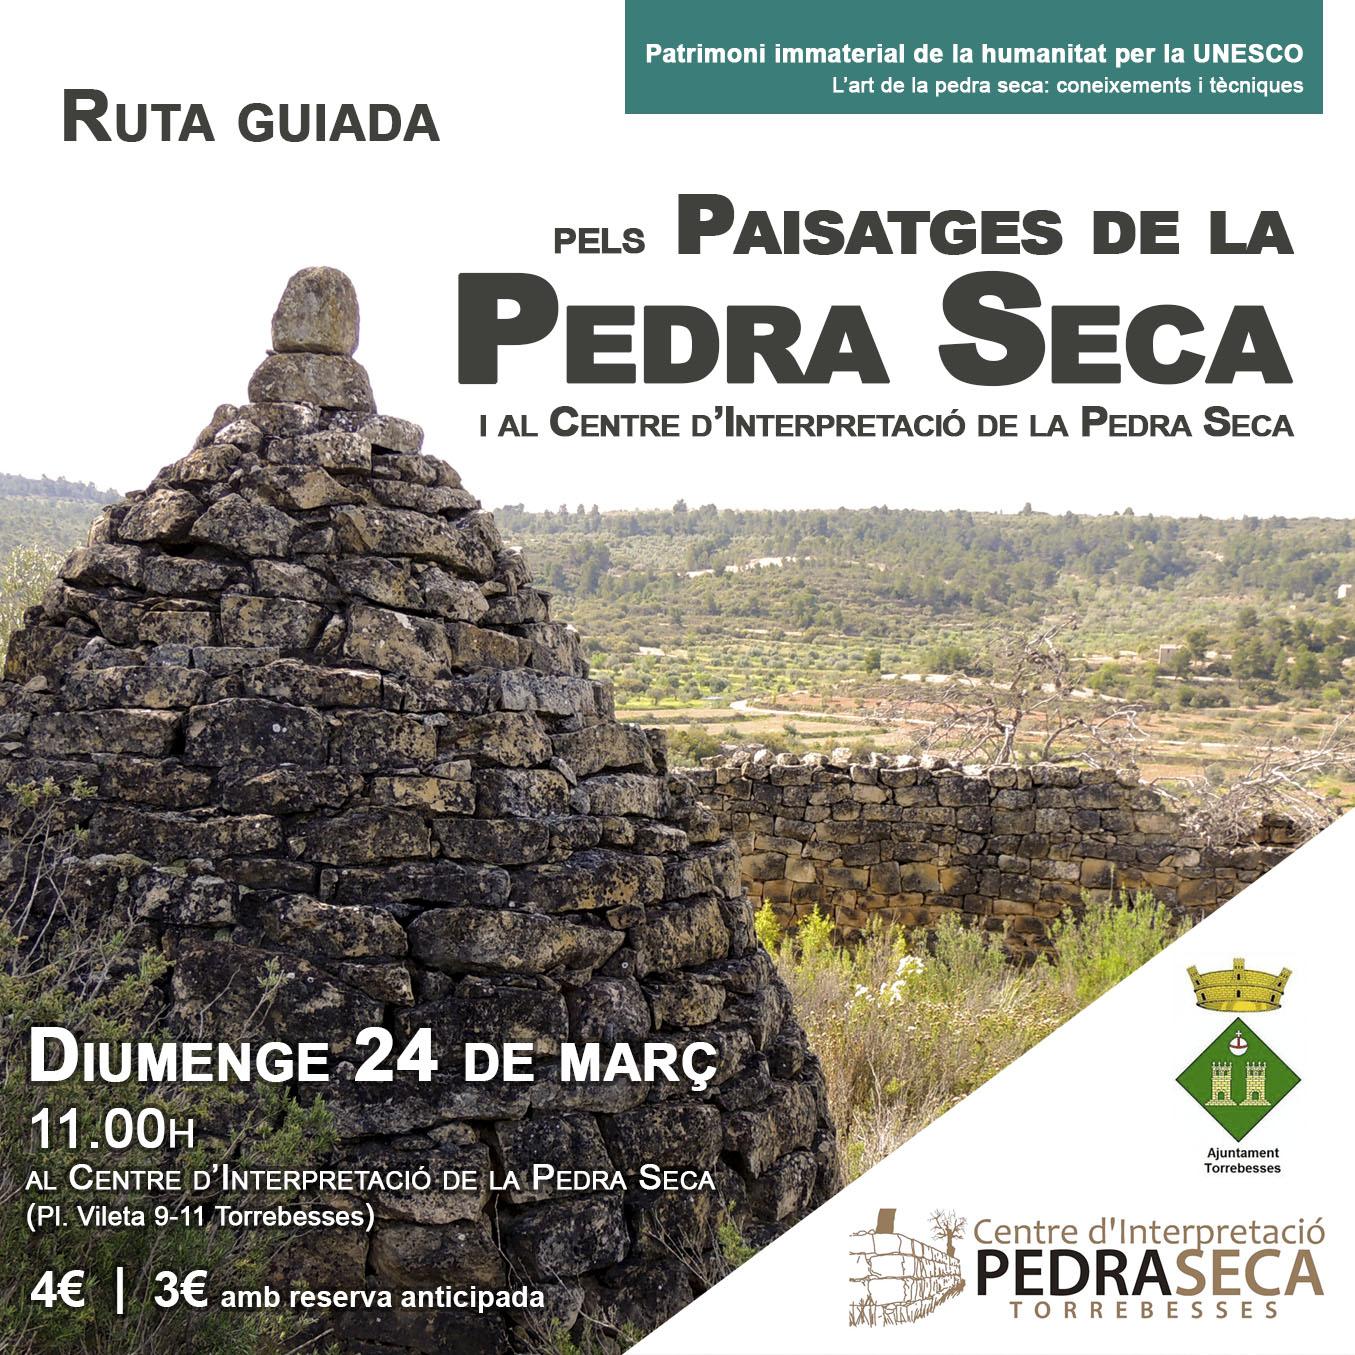 Visita guiada pels paisatges de la pedra seca amb descompte @ Centre d'Interpretació de la Pedra Seca